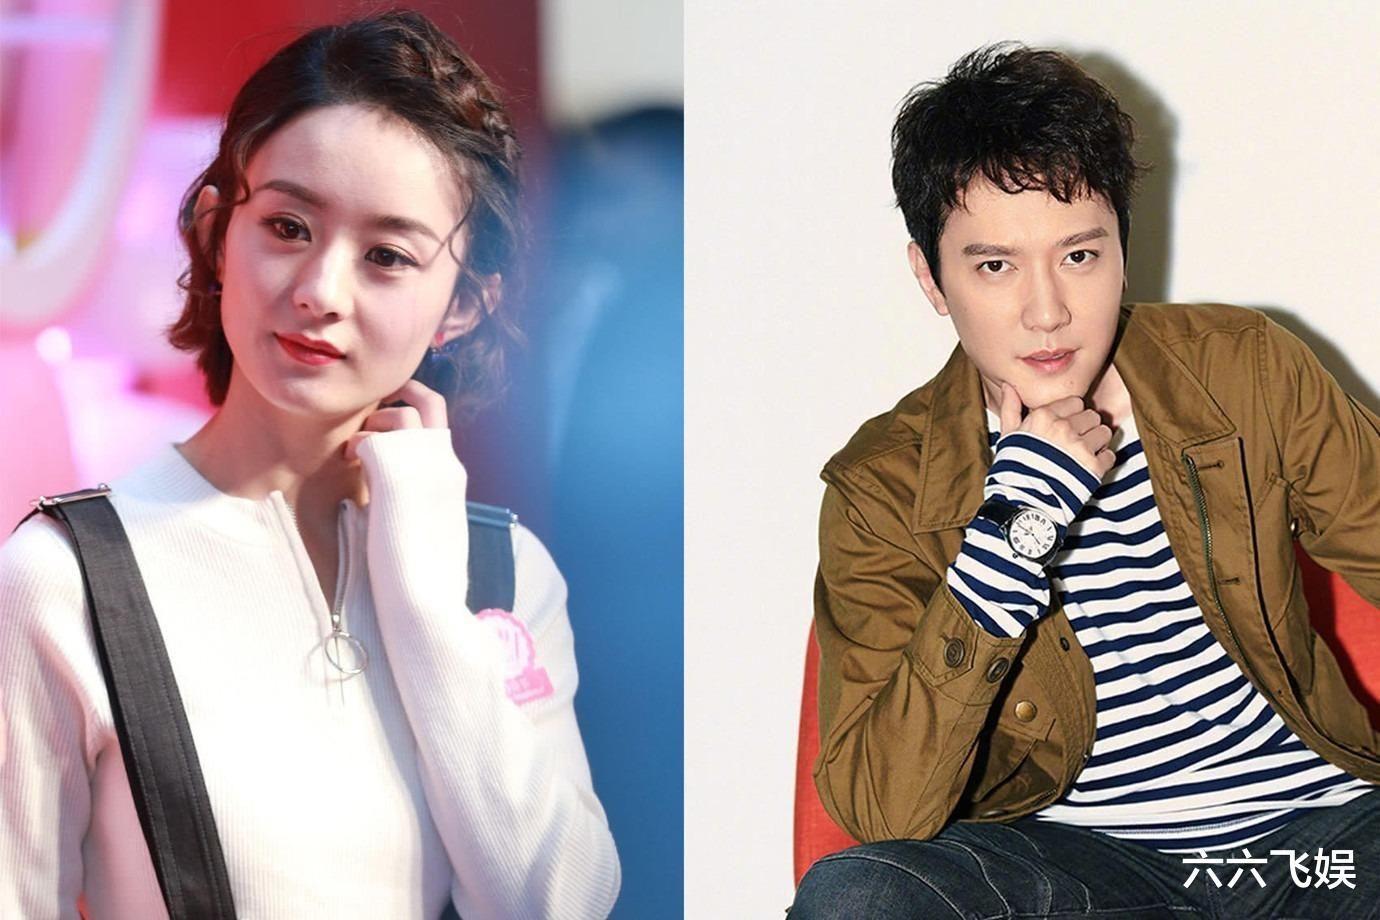 赵丽颖,杨幂,刘诗诗,杨颖的婚姻现状,印证了一个朴素的道理